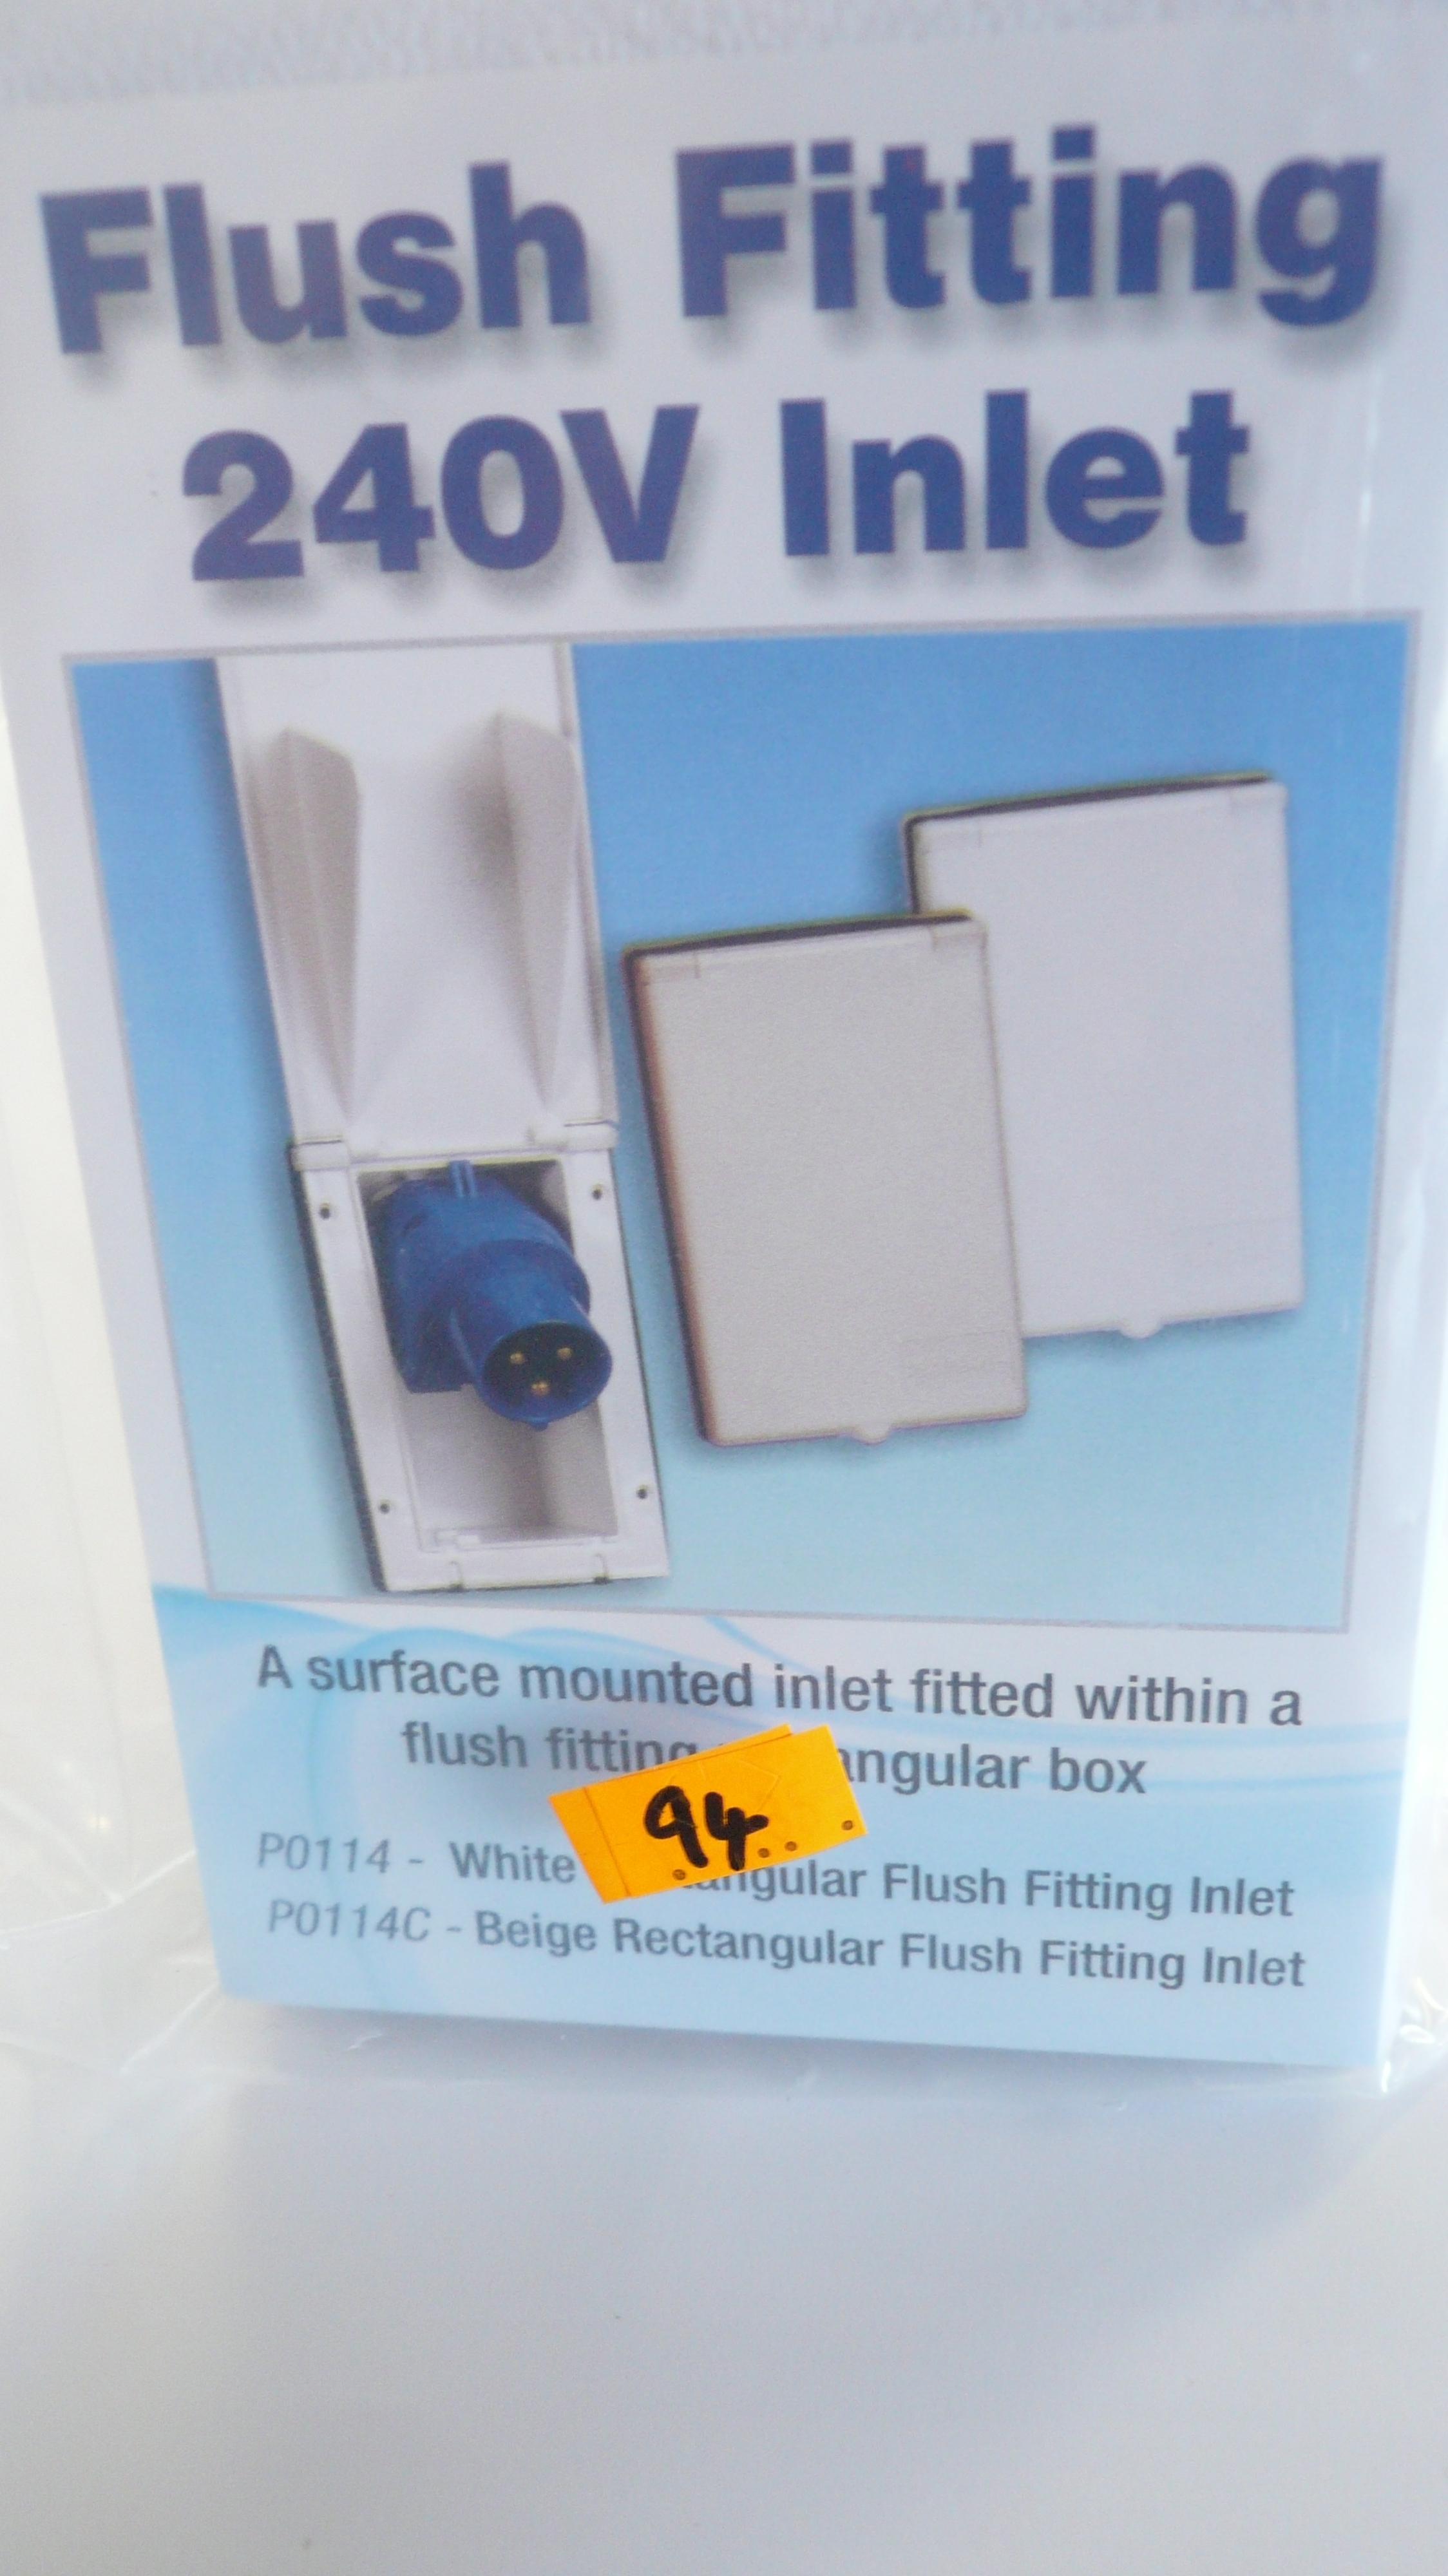 Flush fitting 240V mains inlet